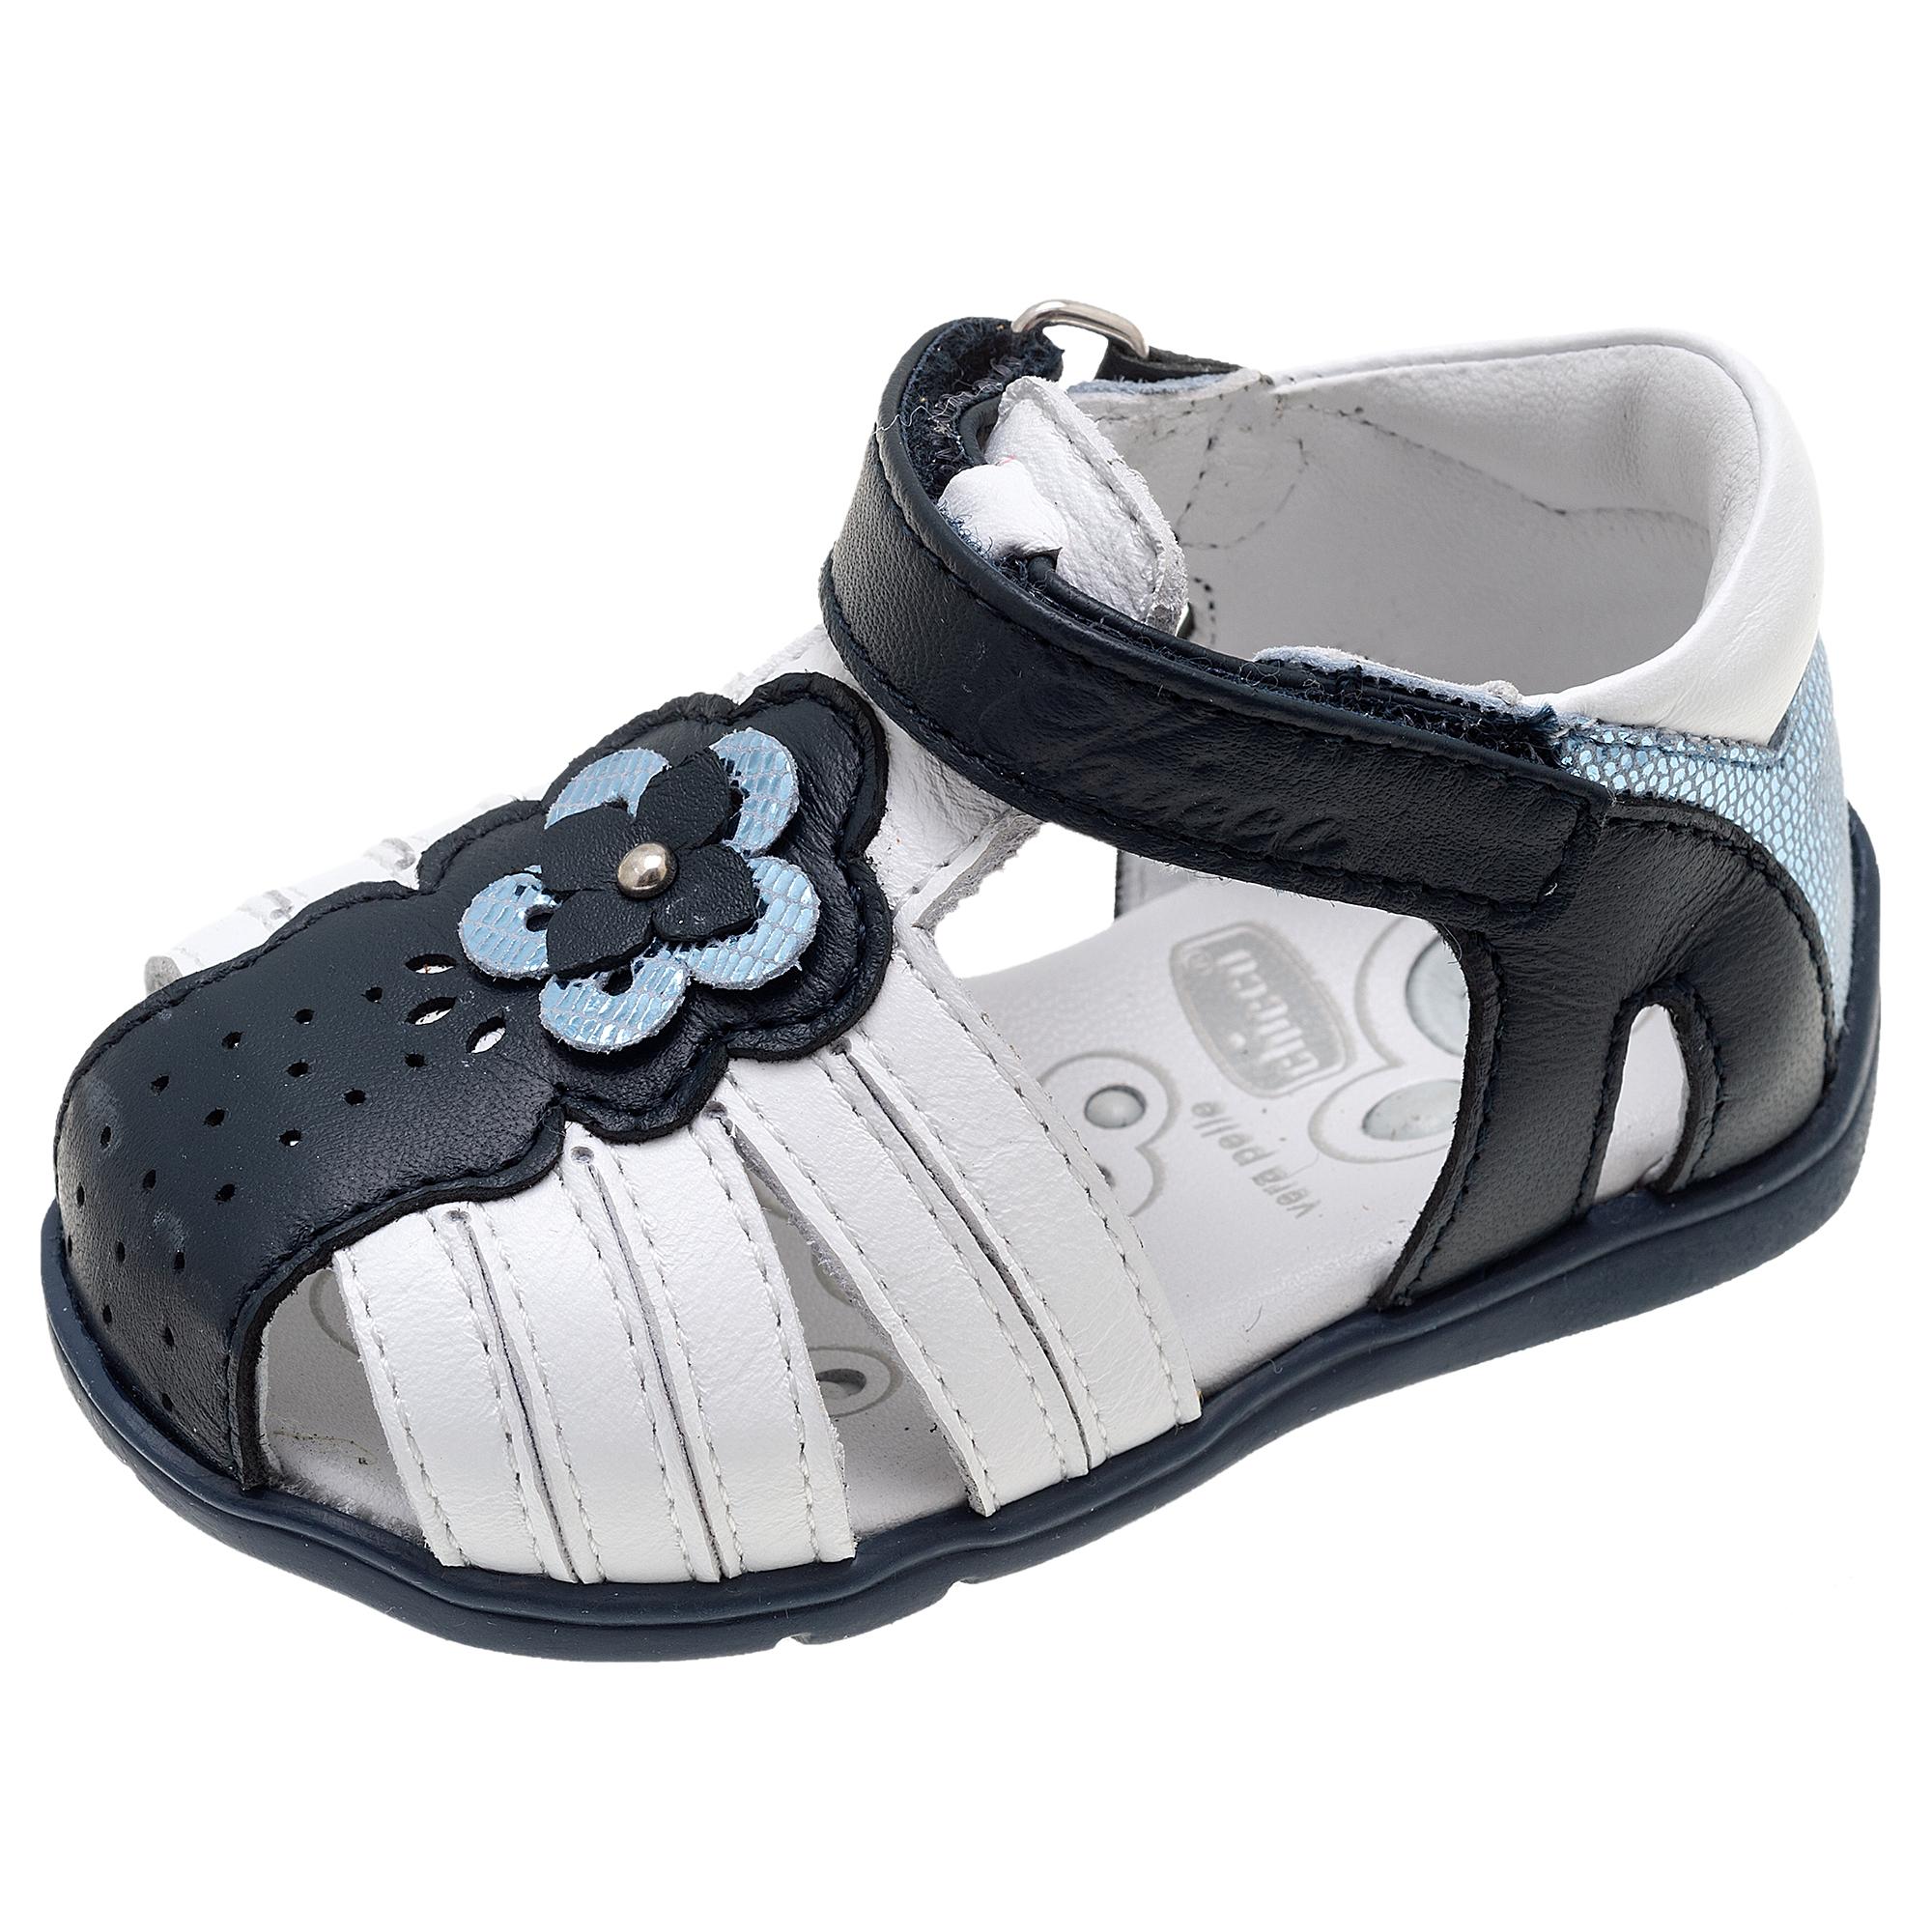 Sandale fetite Chicco Guenda, piele bleumarin, 61471 din categoria Sandale copii